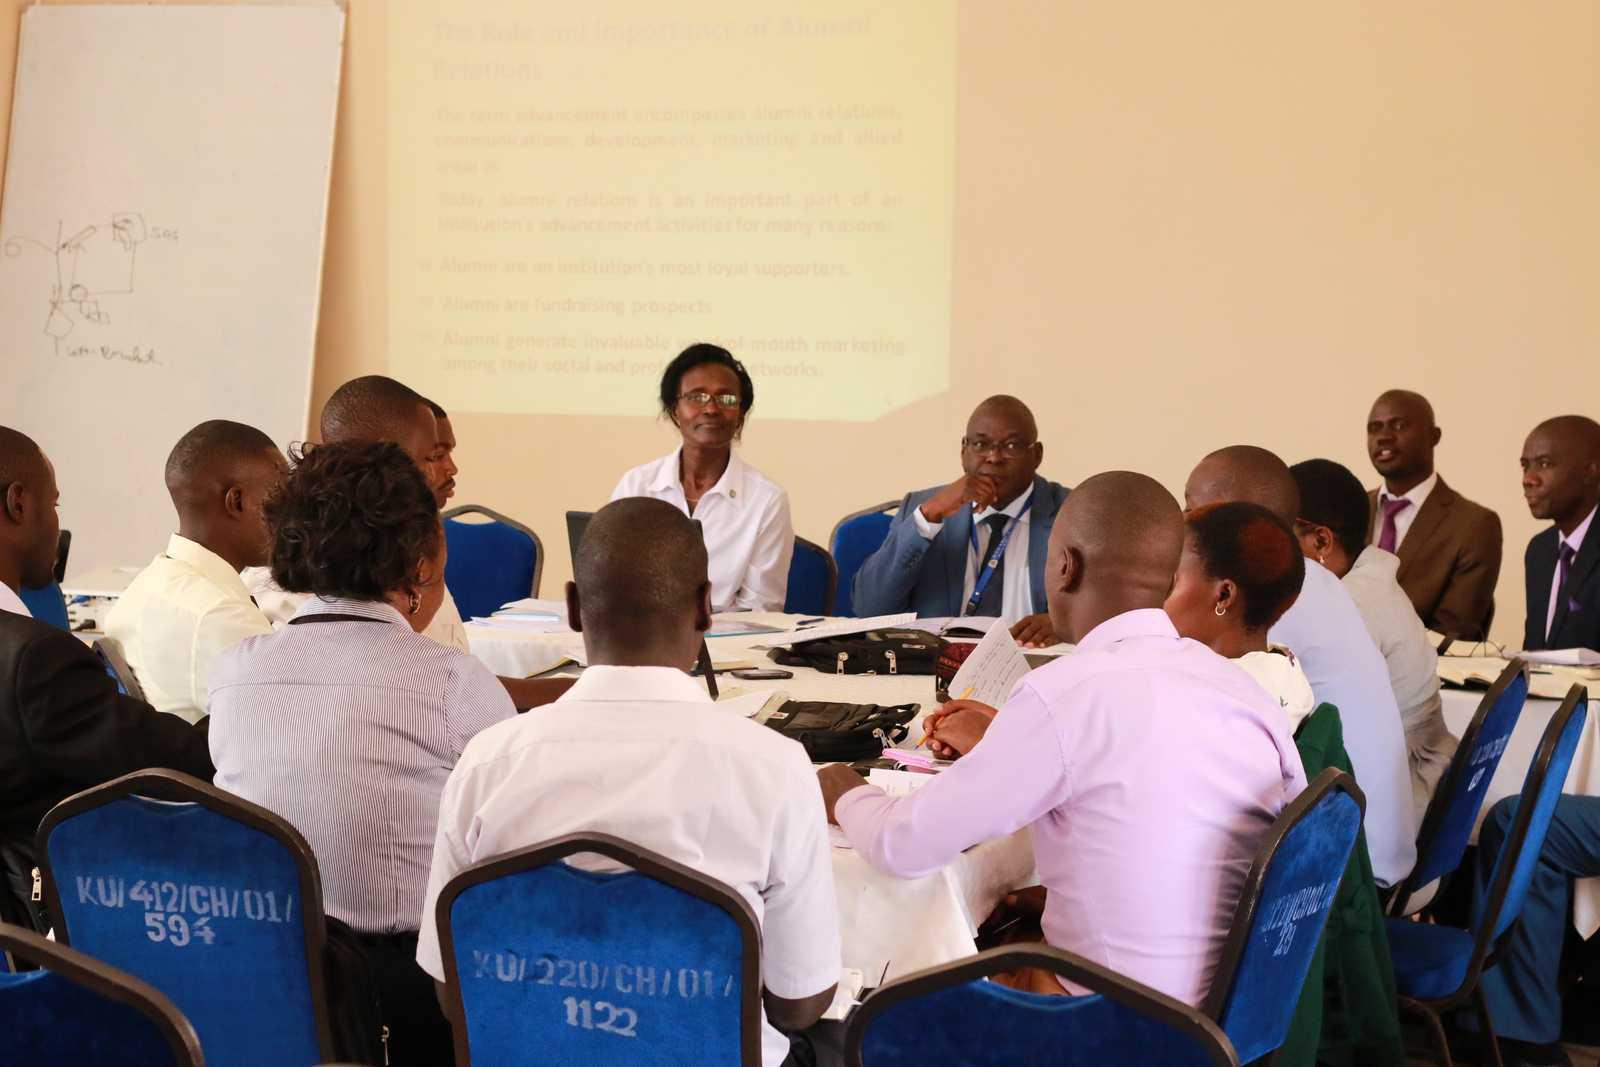 Alumni Association Induction Workshop